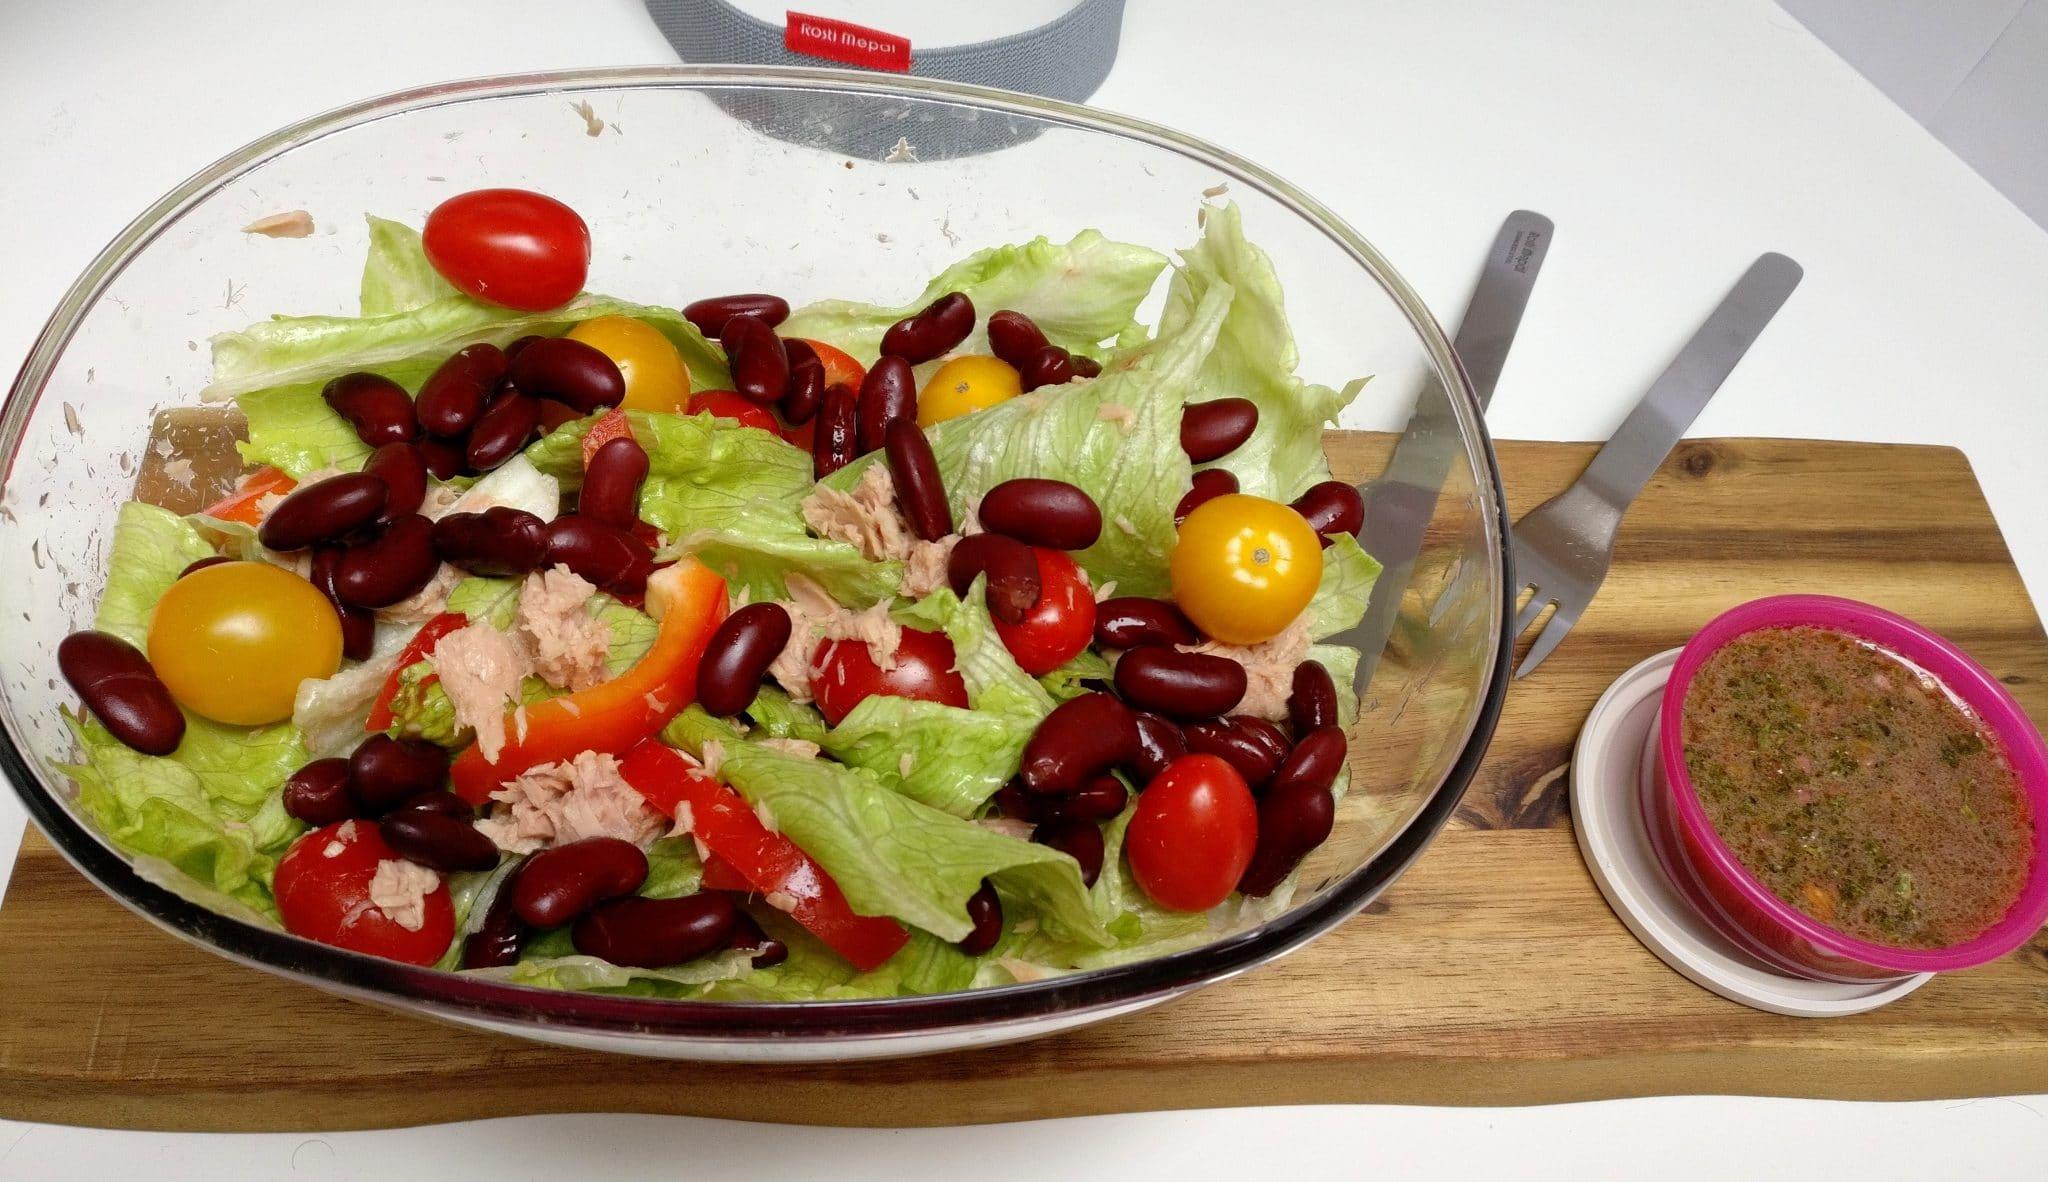 Salatbox Zum Mitnehmen : praktisch essen mitnehmen die salatbox ellipse von rosti ~ A.2002-acura-tl-radio.info Haus und Dekorationen